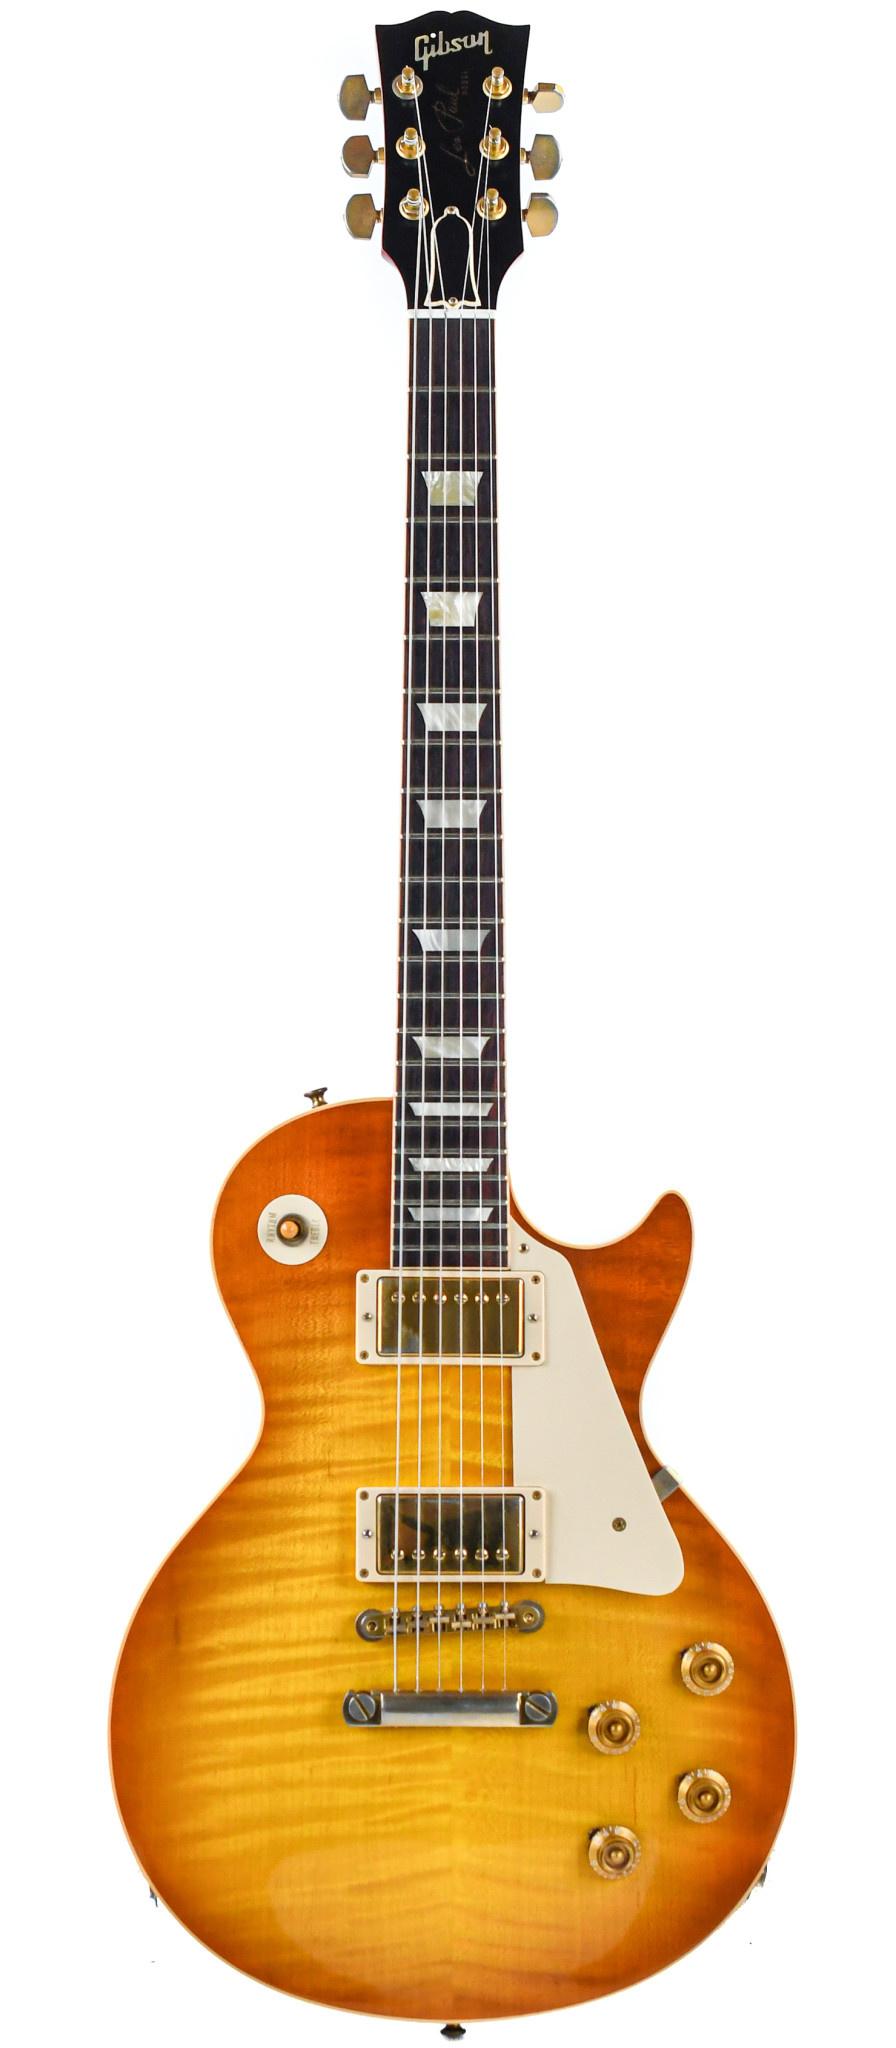 Gibson Les Paul R8 Iced Tea Burst 2005